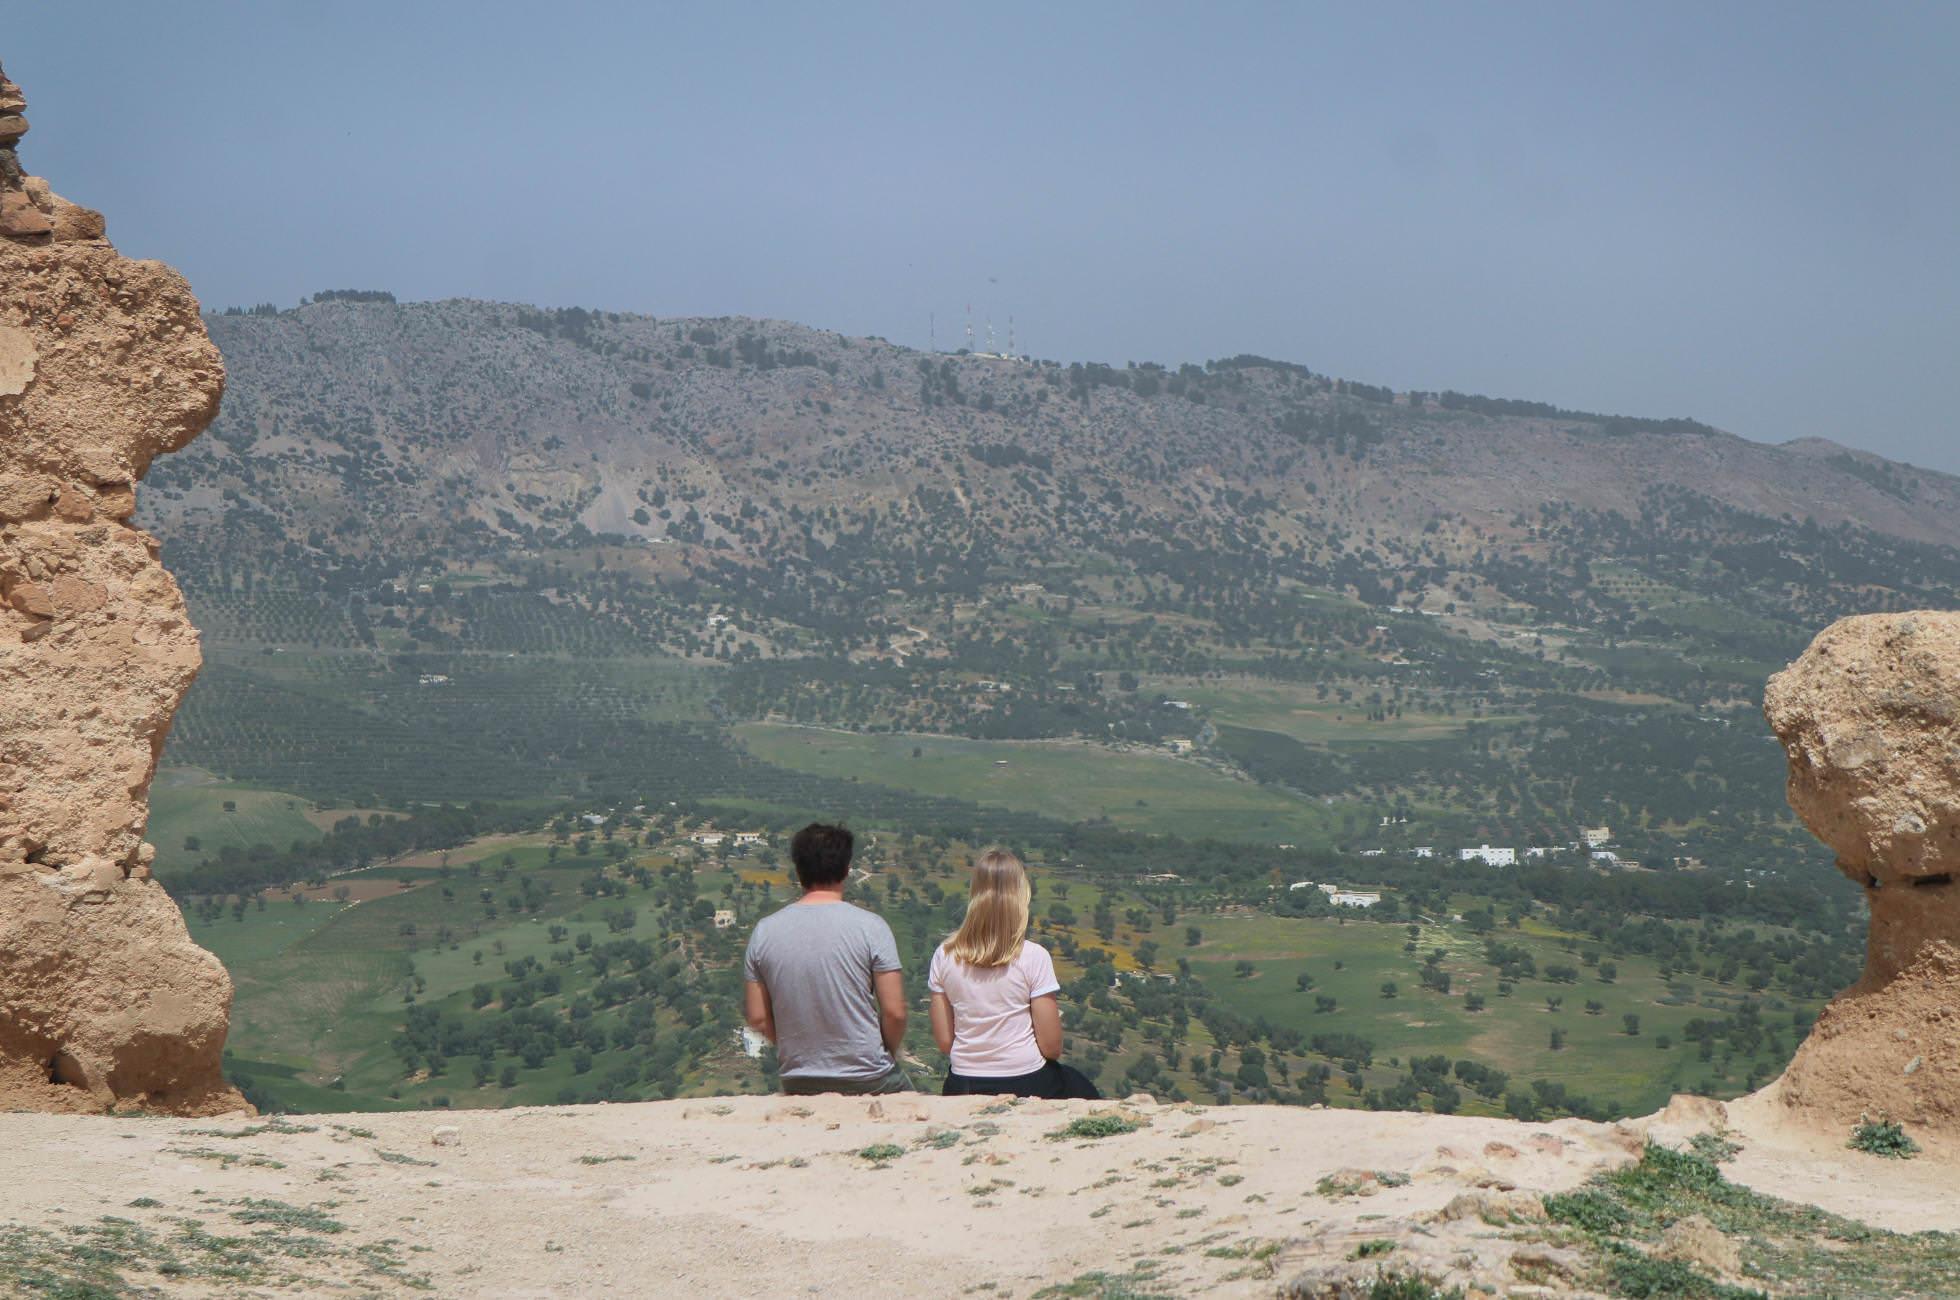 Merinidengräber Ausblick Umland von Fez